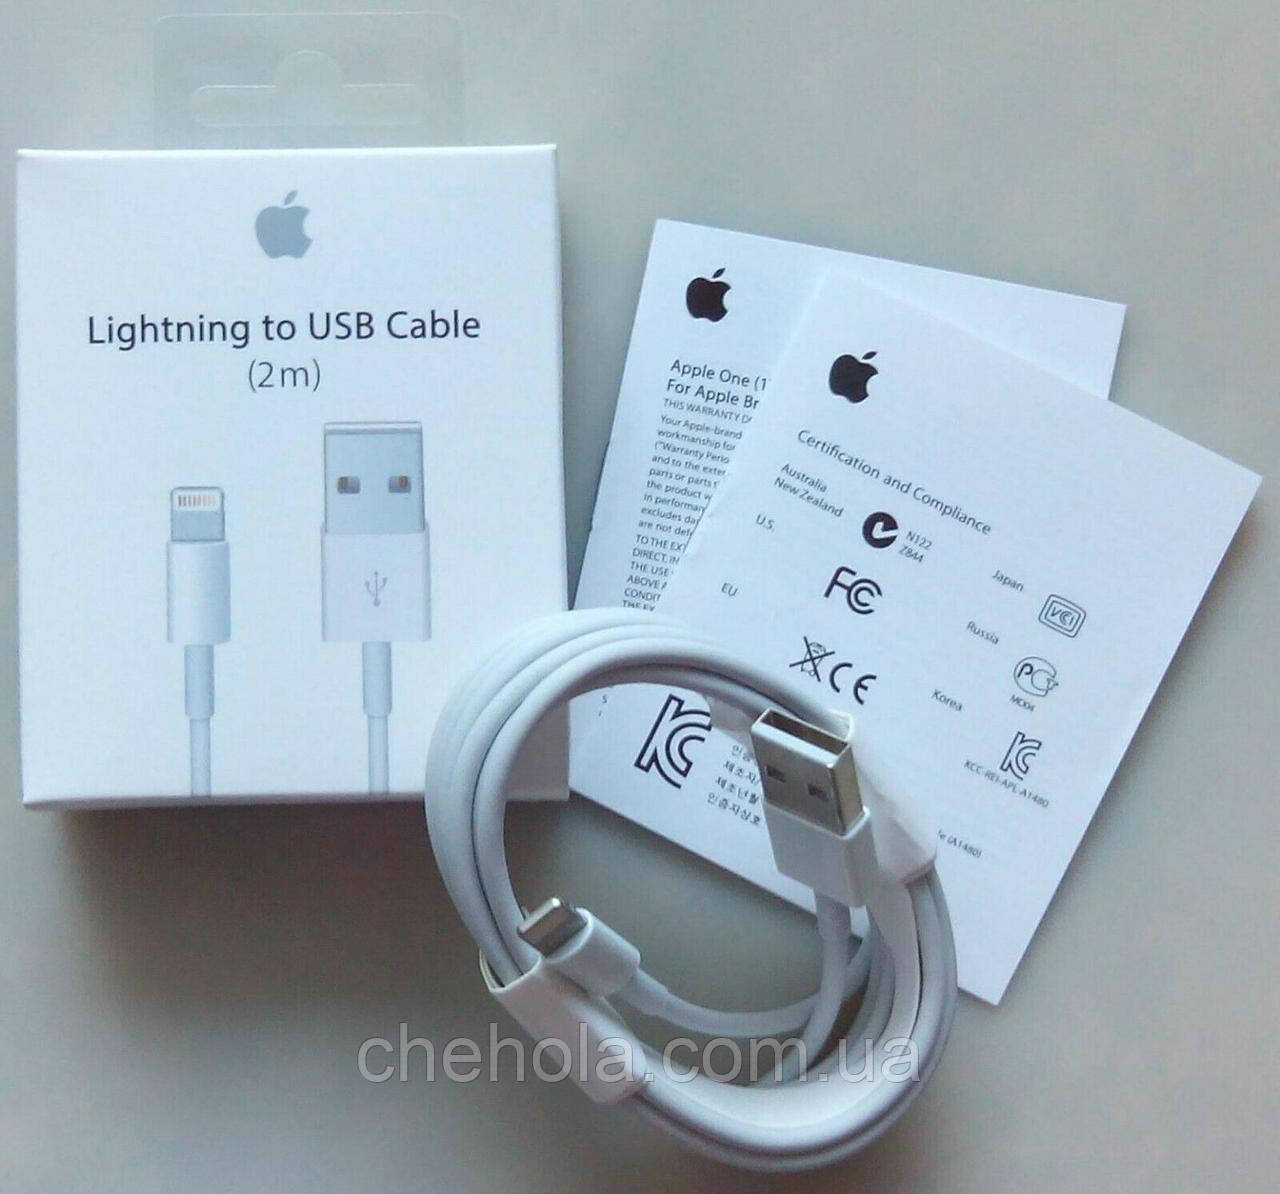 Оригинальный USB кабель для Iphone 5S SE 5 2 Метра MD819ZM/A